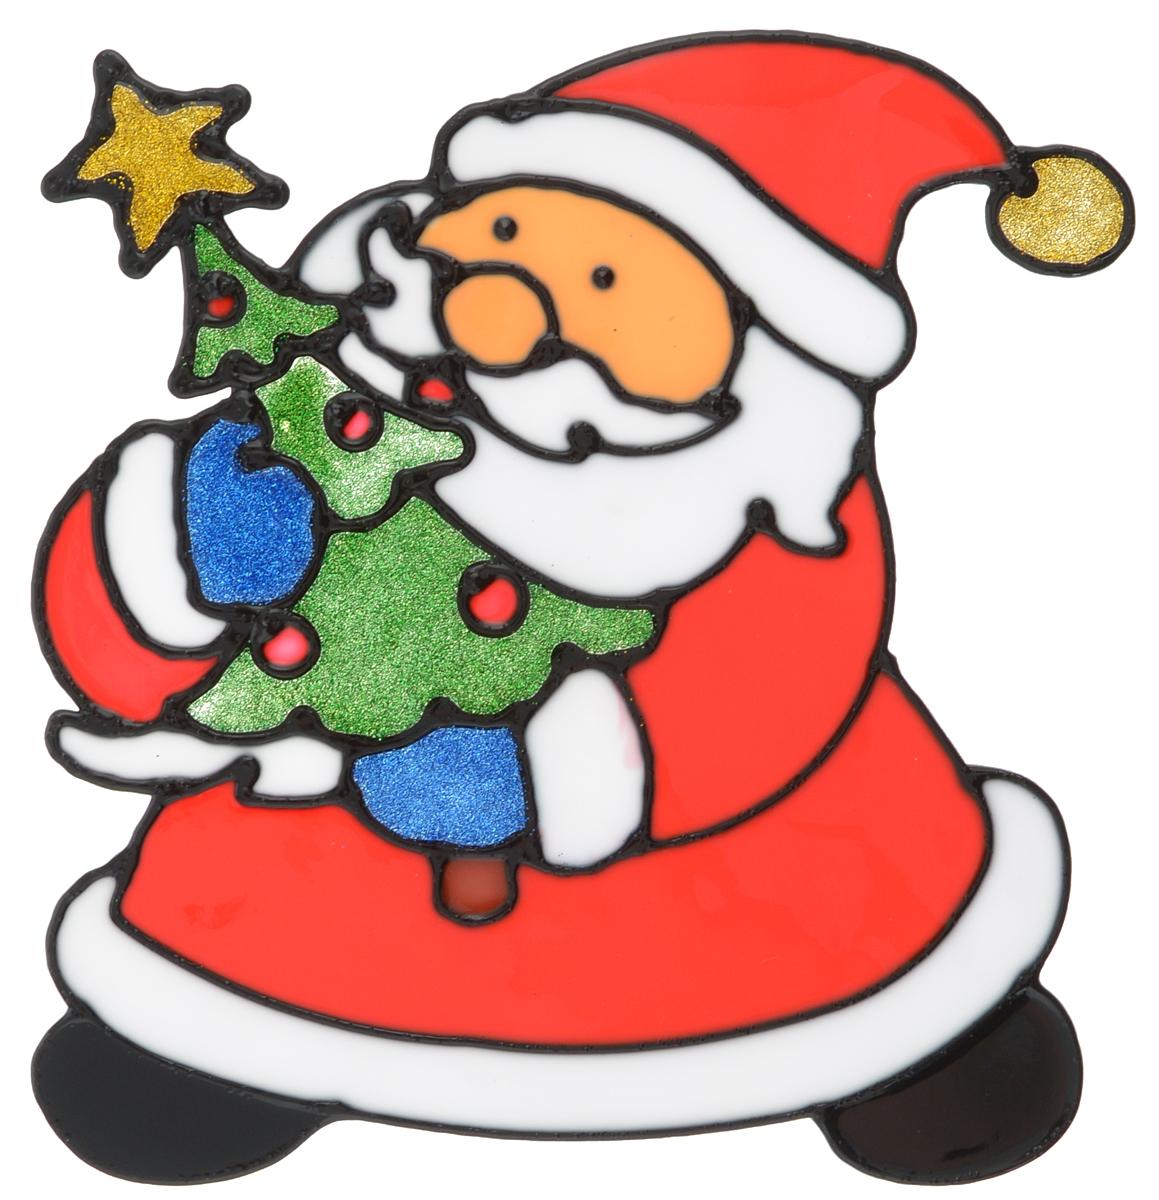 Наклейка на окно Erich Krause Дедушка Мороз, 16 х 15,5 смNLED-444-7W-BKНаклейка на окно Erich Krause Дедушка Мороз выполнена в виде Деда Мороза с елочкой.С помощью больших витражных наклеек на окно Erich Krause можно составлять на стекле целые зимние сюжеты, которые будут радовать глаз, и поднимать настроение в праздничные дни! Так же Вы можете преподнести этот сувенир в качестве мини-презента коллегам, близким и друзьям с пожеланиями счастливого Нового Года!Размер наклейки: 16 х 15,5 см